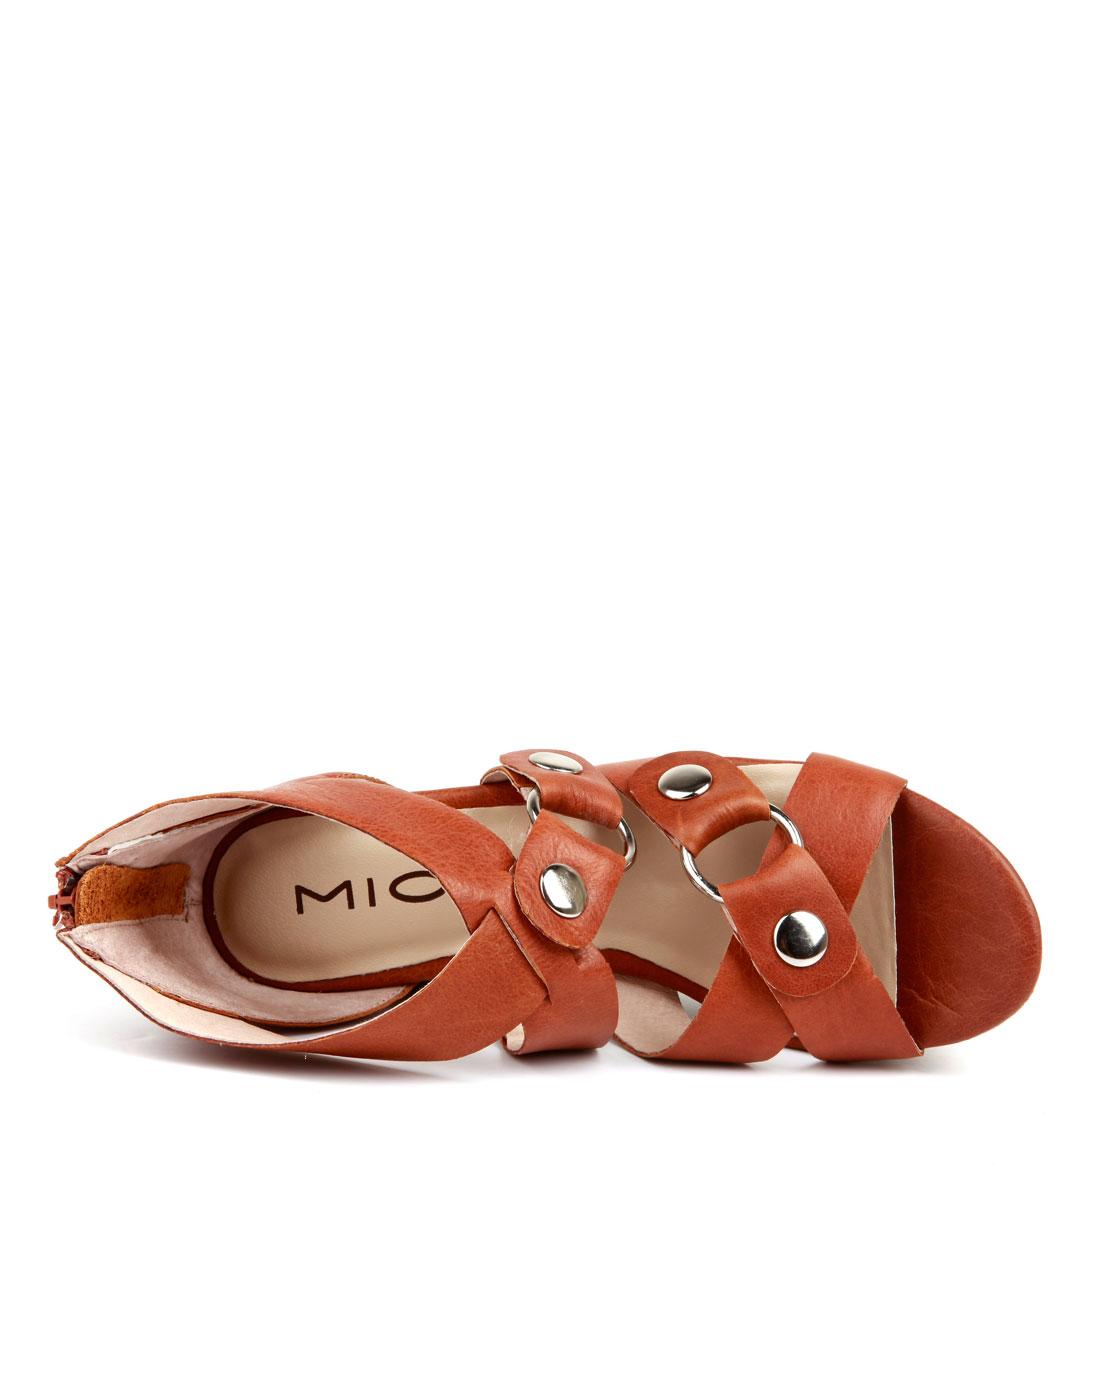 米奥mio棕色明星款朋克风高跟水台凉鞋m123161415c05